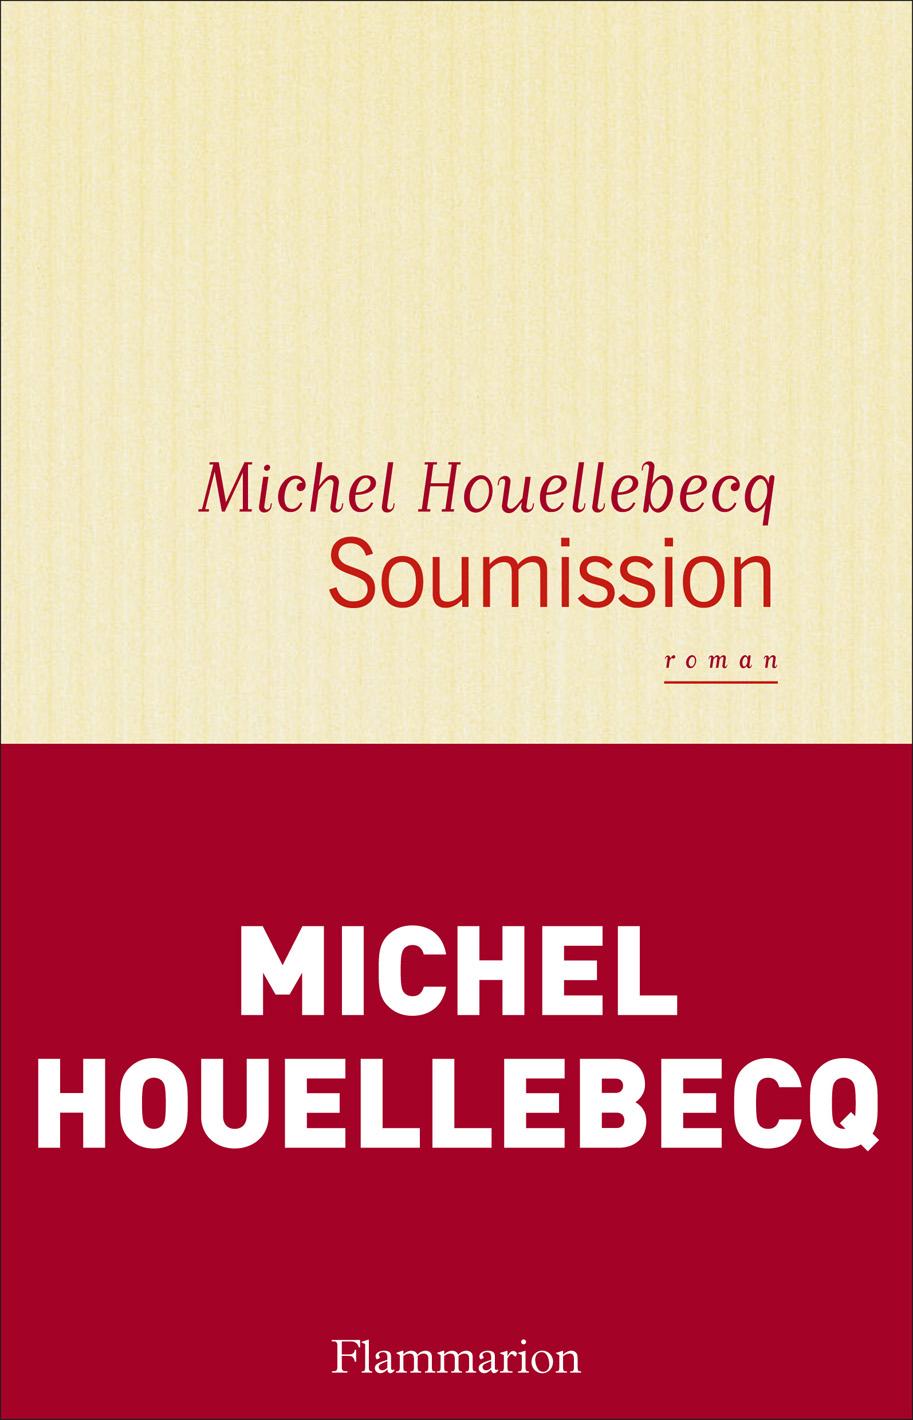 Couverture : Soumission Michel Houellebecq